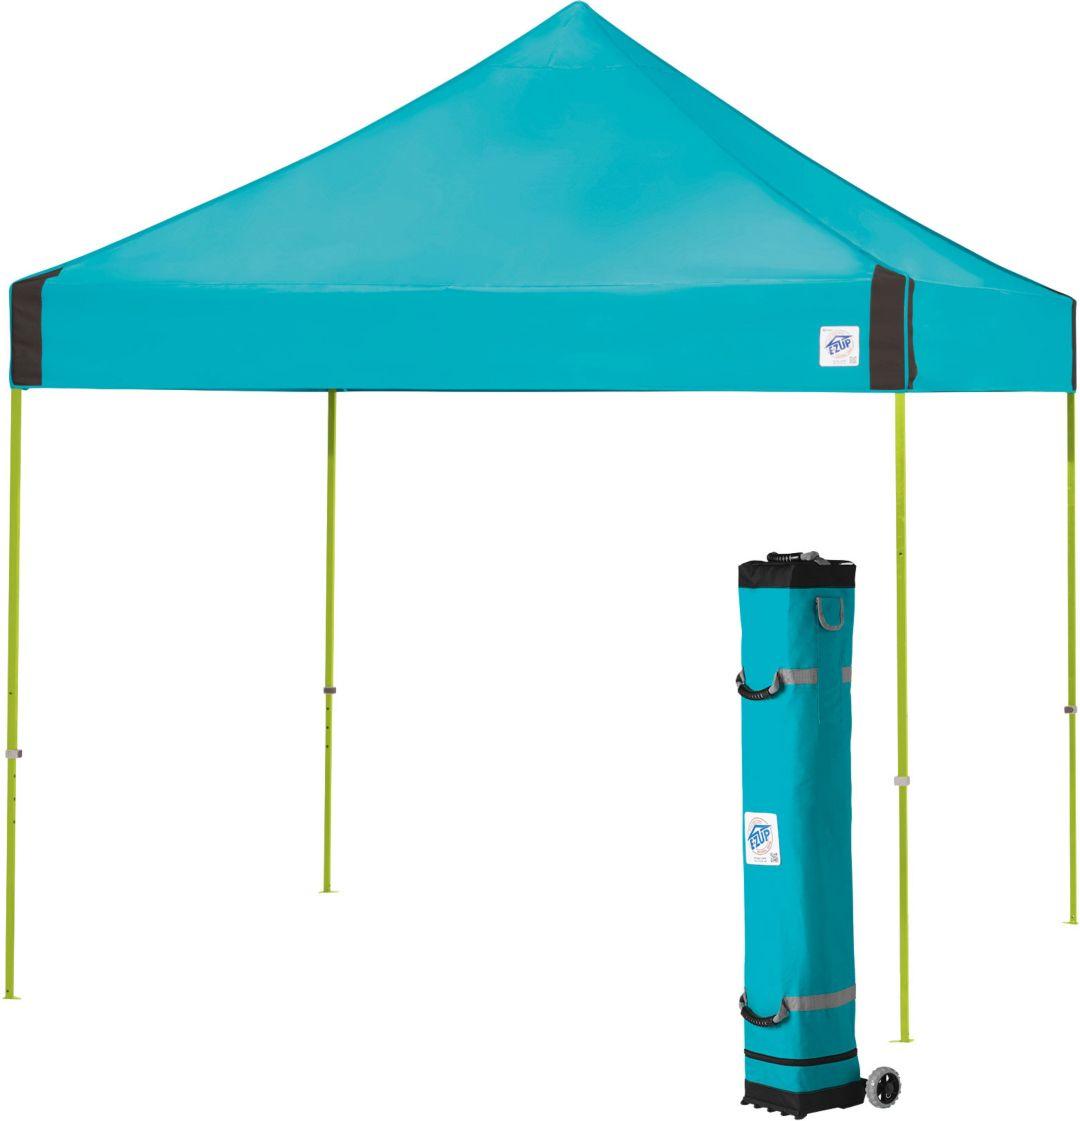 wholesale dealer 84023 8ffaa E-Z UP 10' x 10' Vantage Instant Canopy